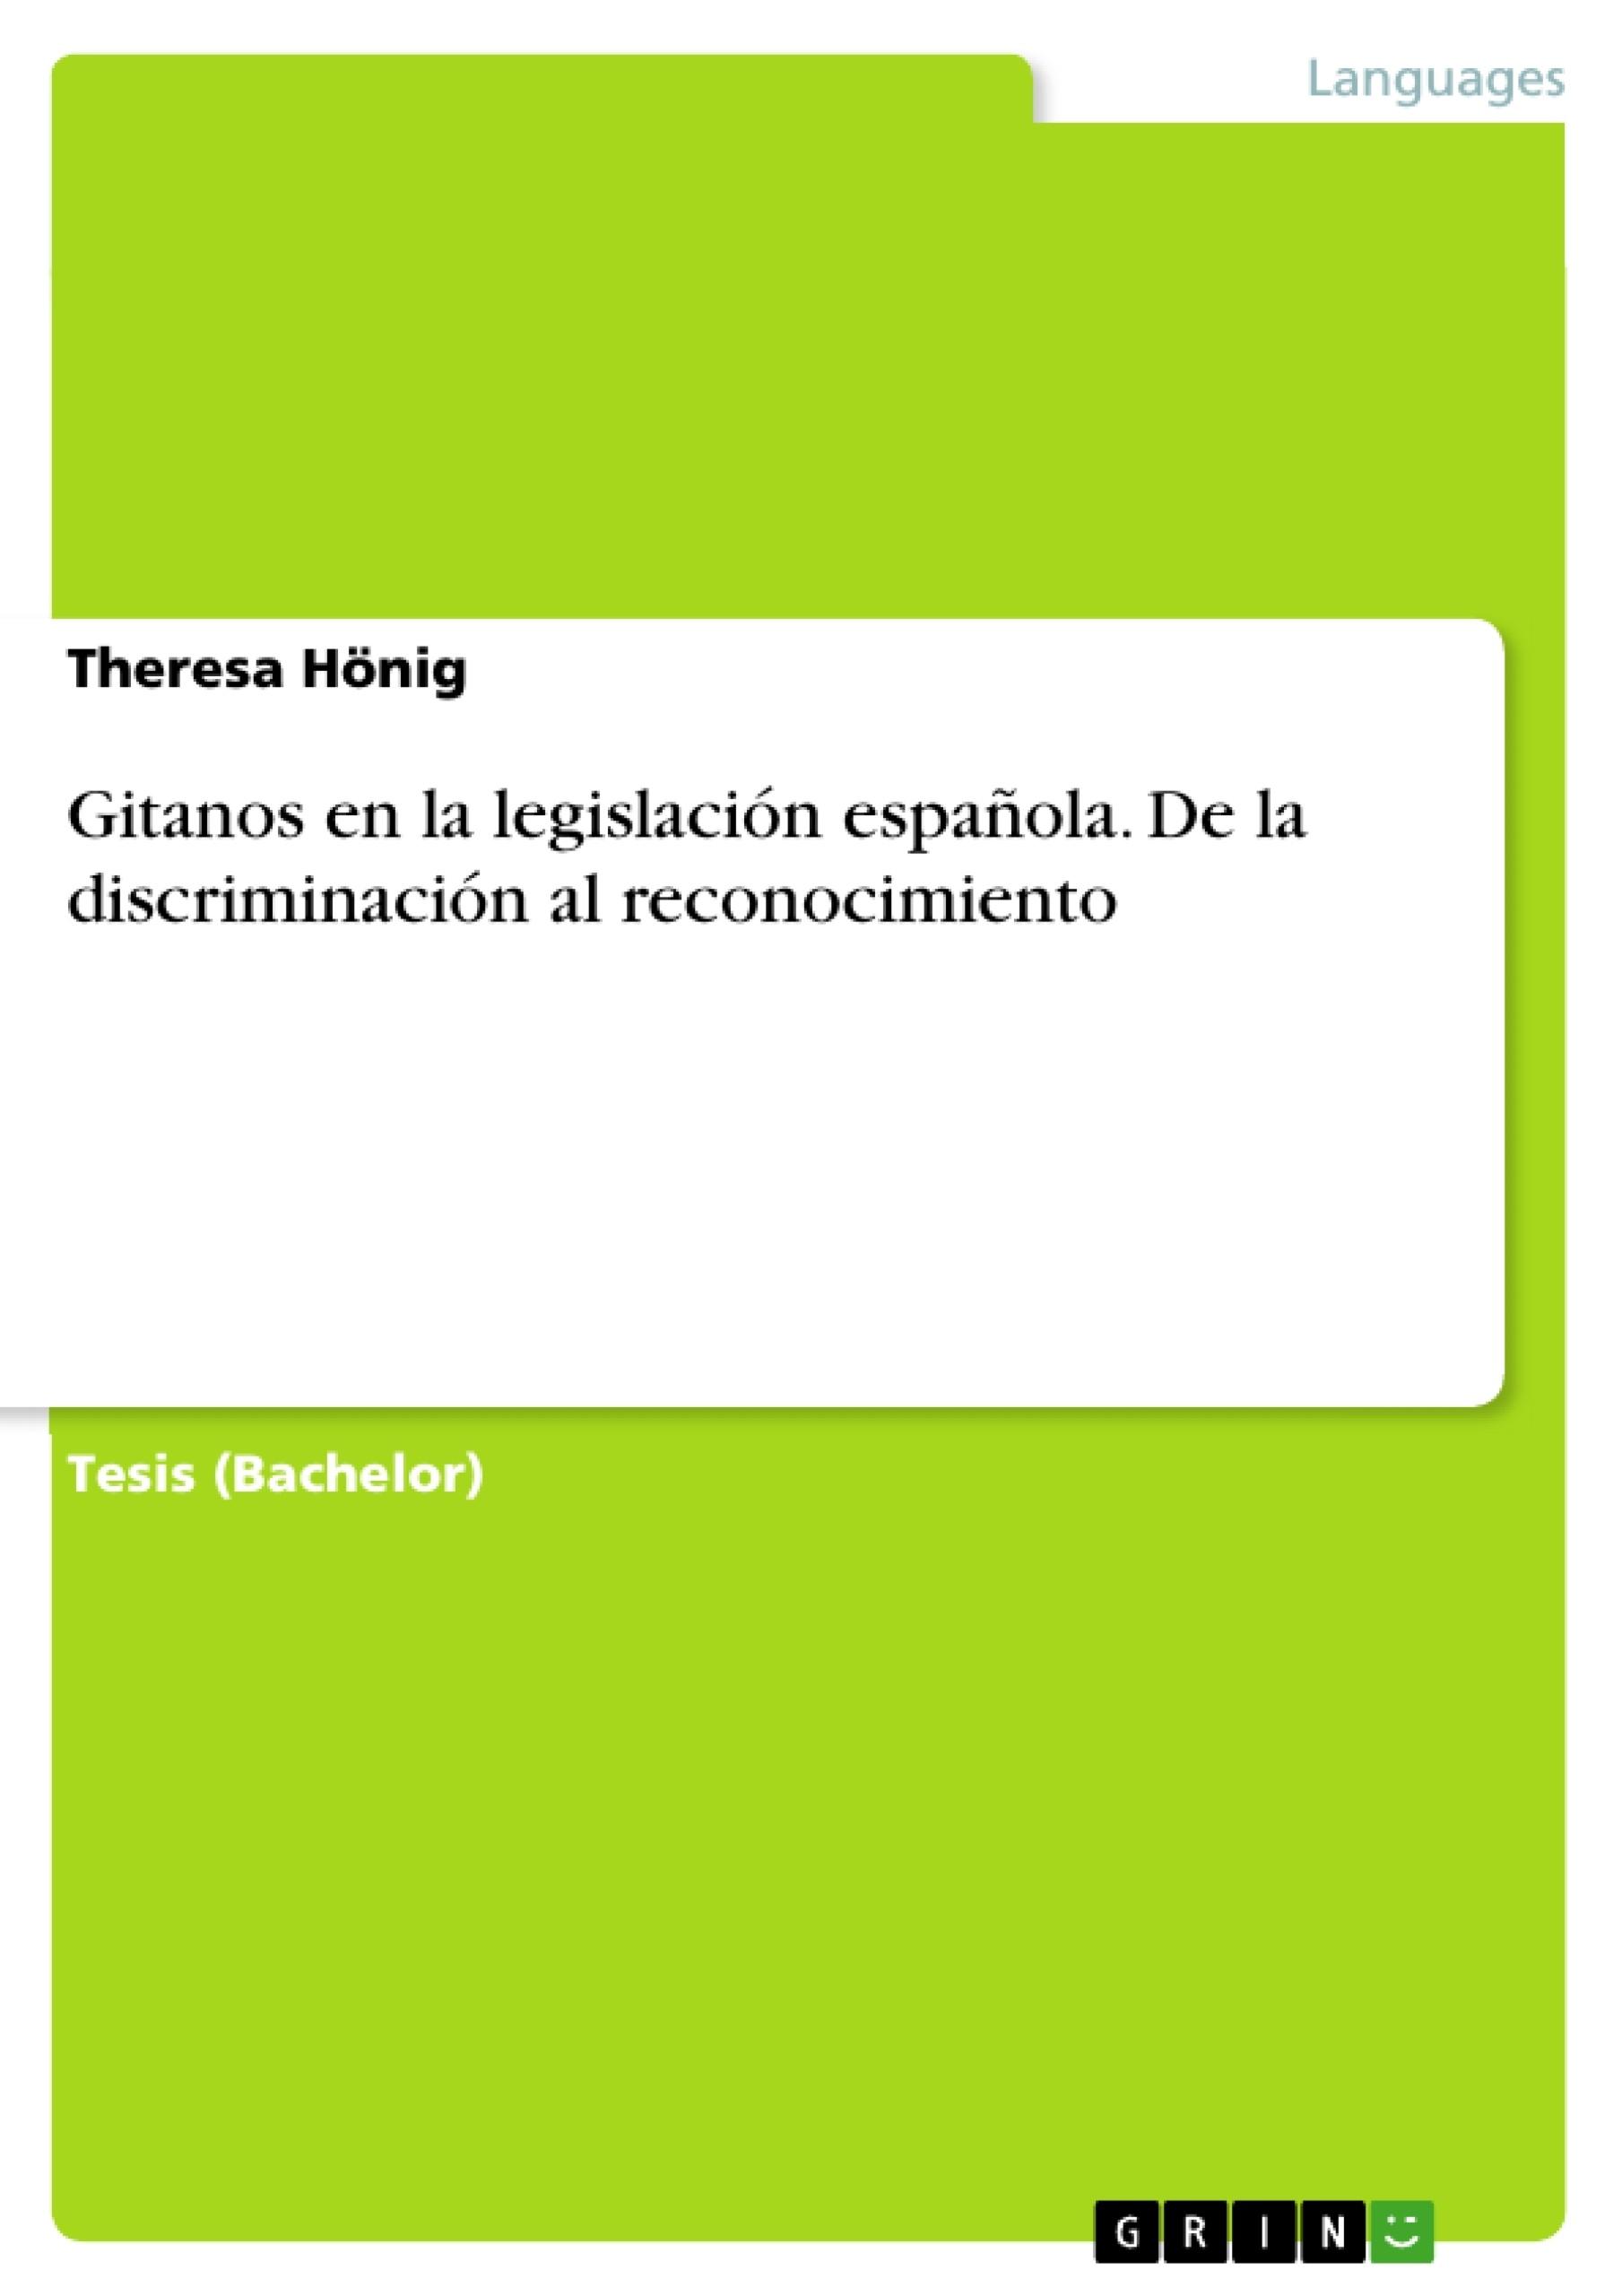 Título: Gitanos en la legislación española. De la discriminación al reconocimiento